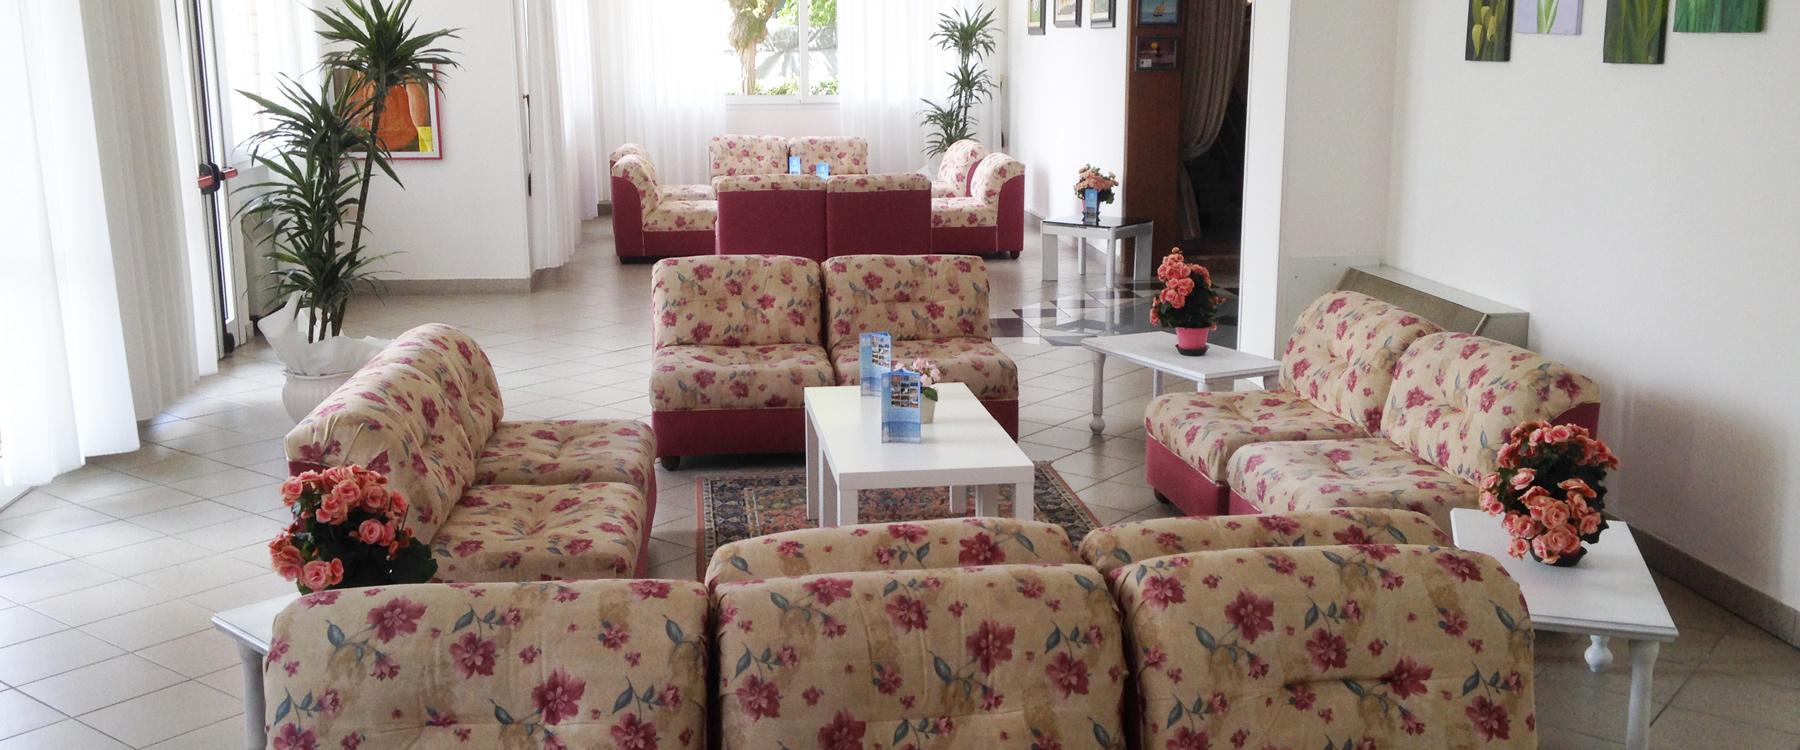 accoglienza-hotel-primula